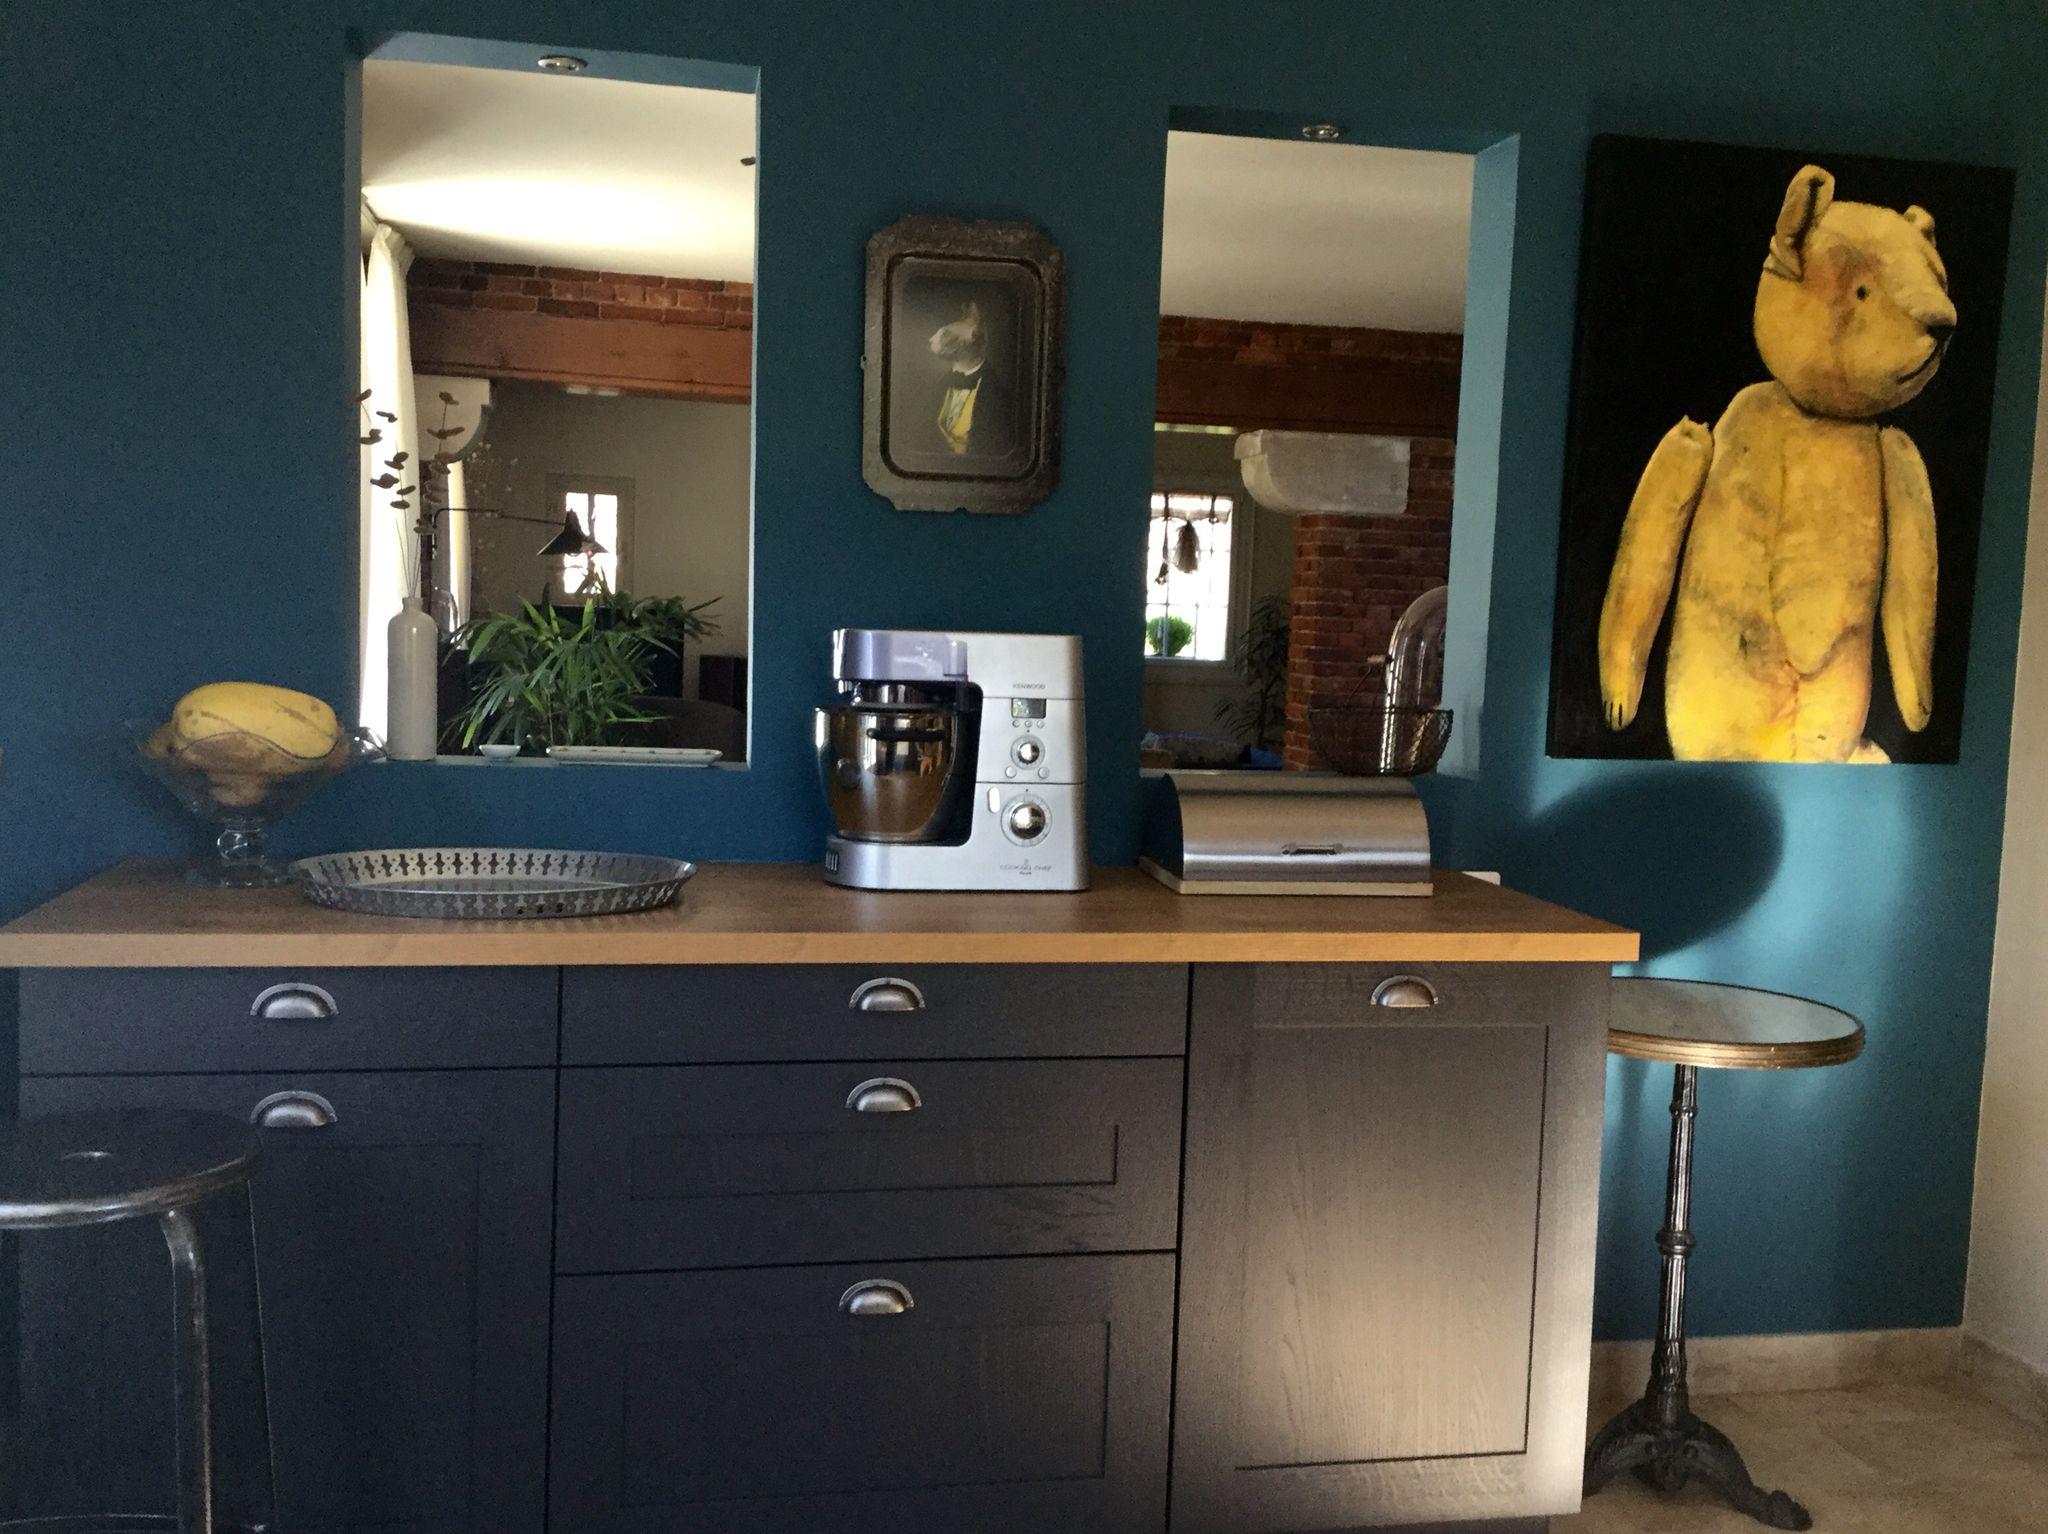 Cuisine Grise Mur Bleu Canard Goa Flamant Couleur Salon